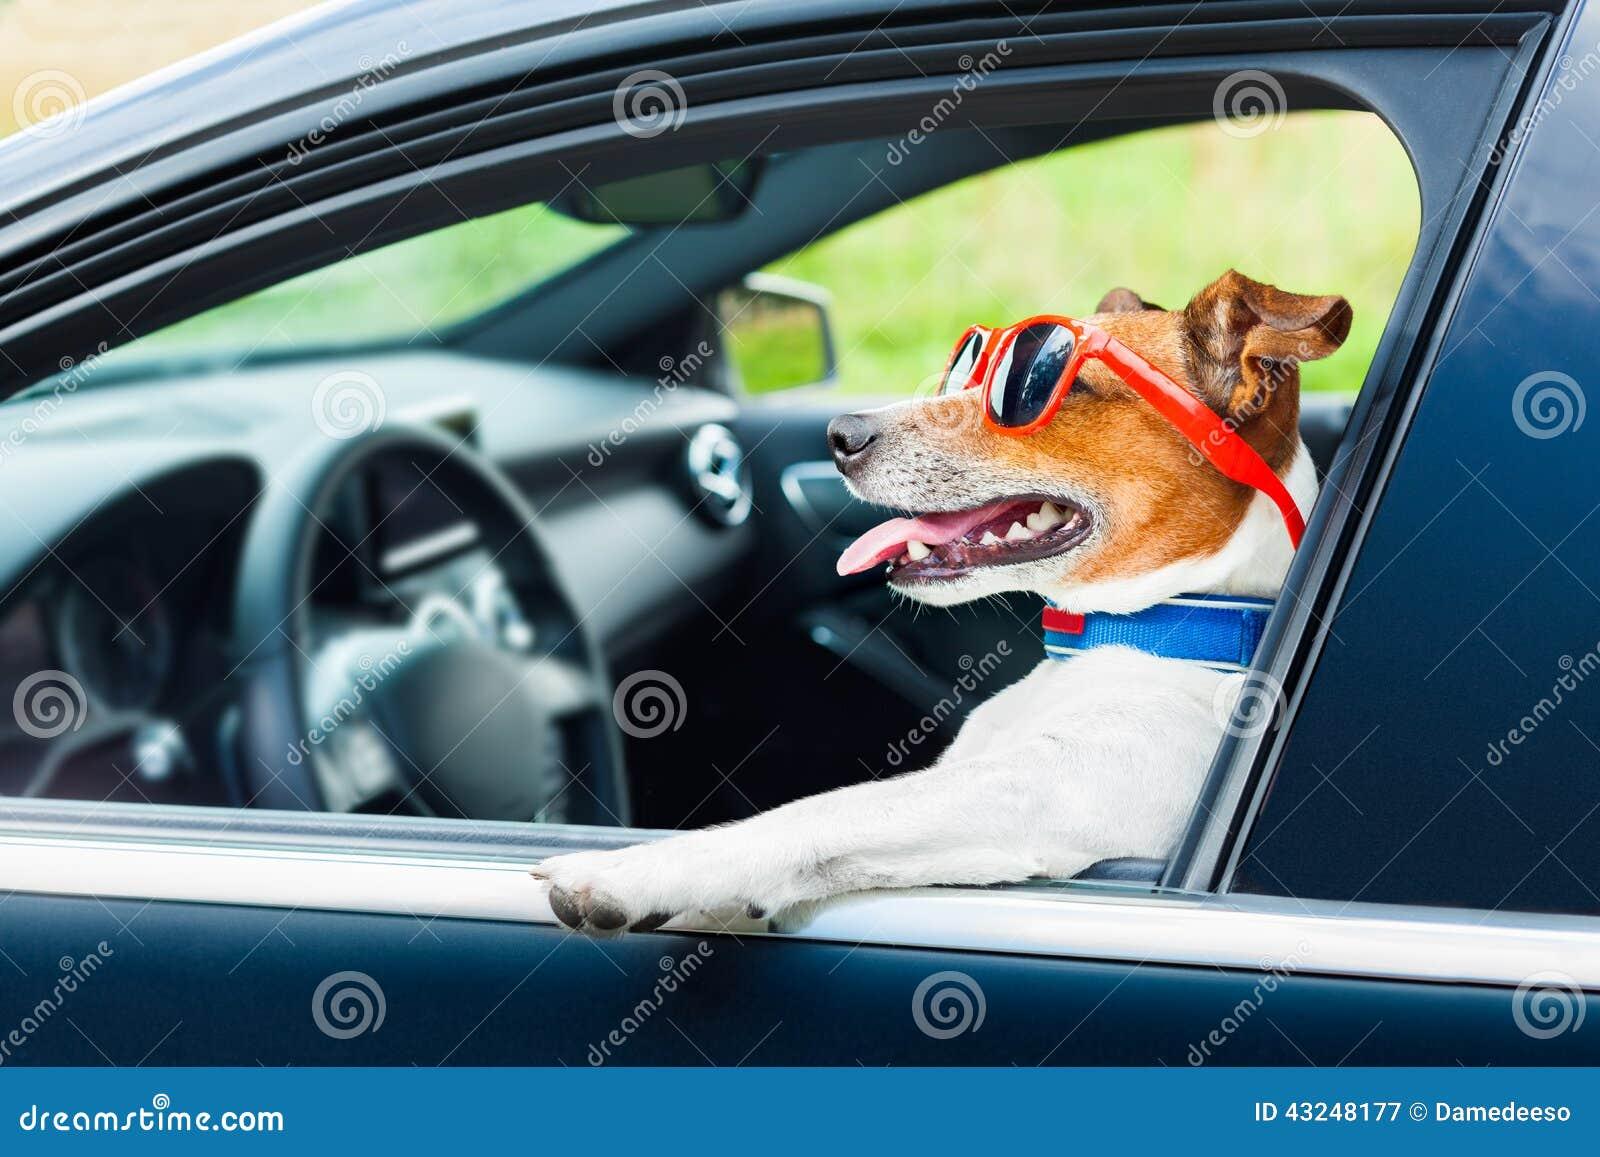 volant-de-voiture-de-chien-43248177